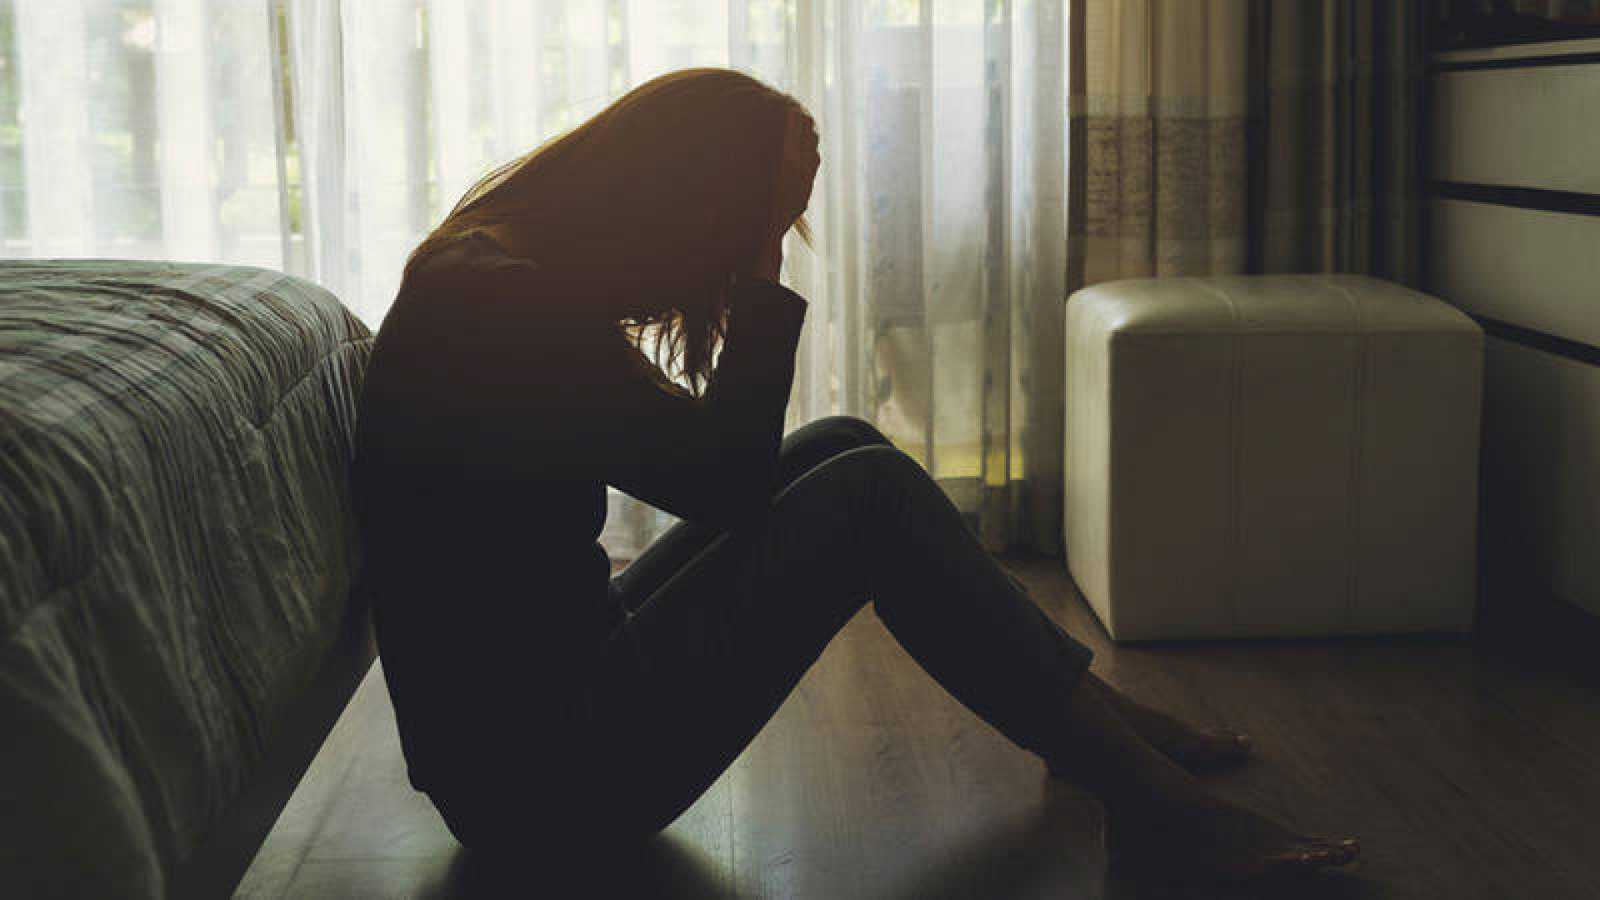 Tarde lo que tarde - Consecuencias de la soledad en pandemia - 06/05/21 - escuchar ahora